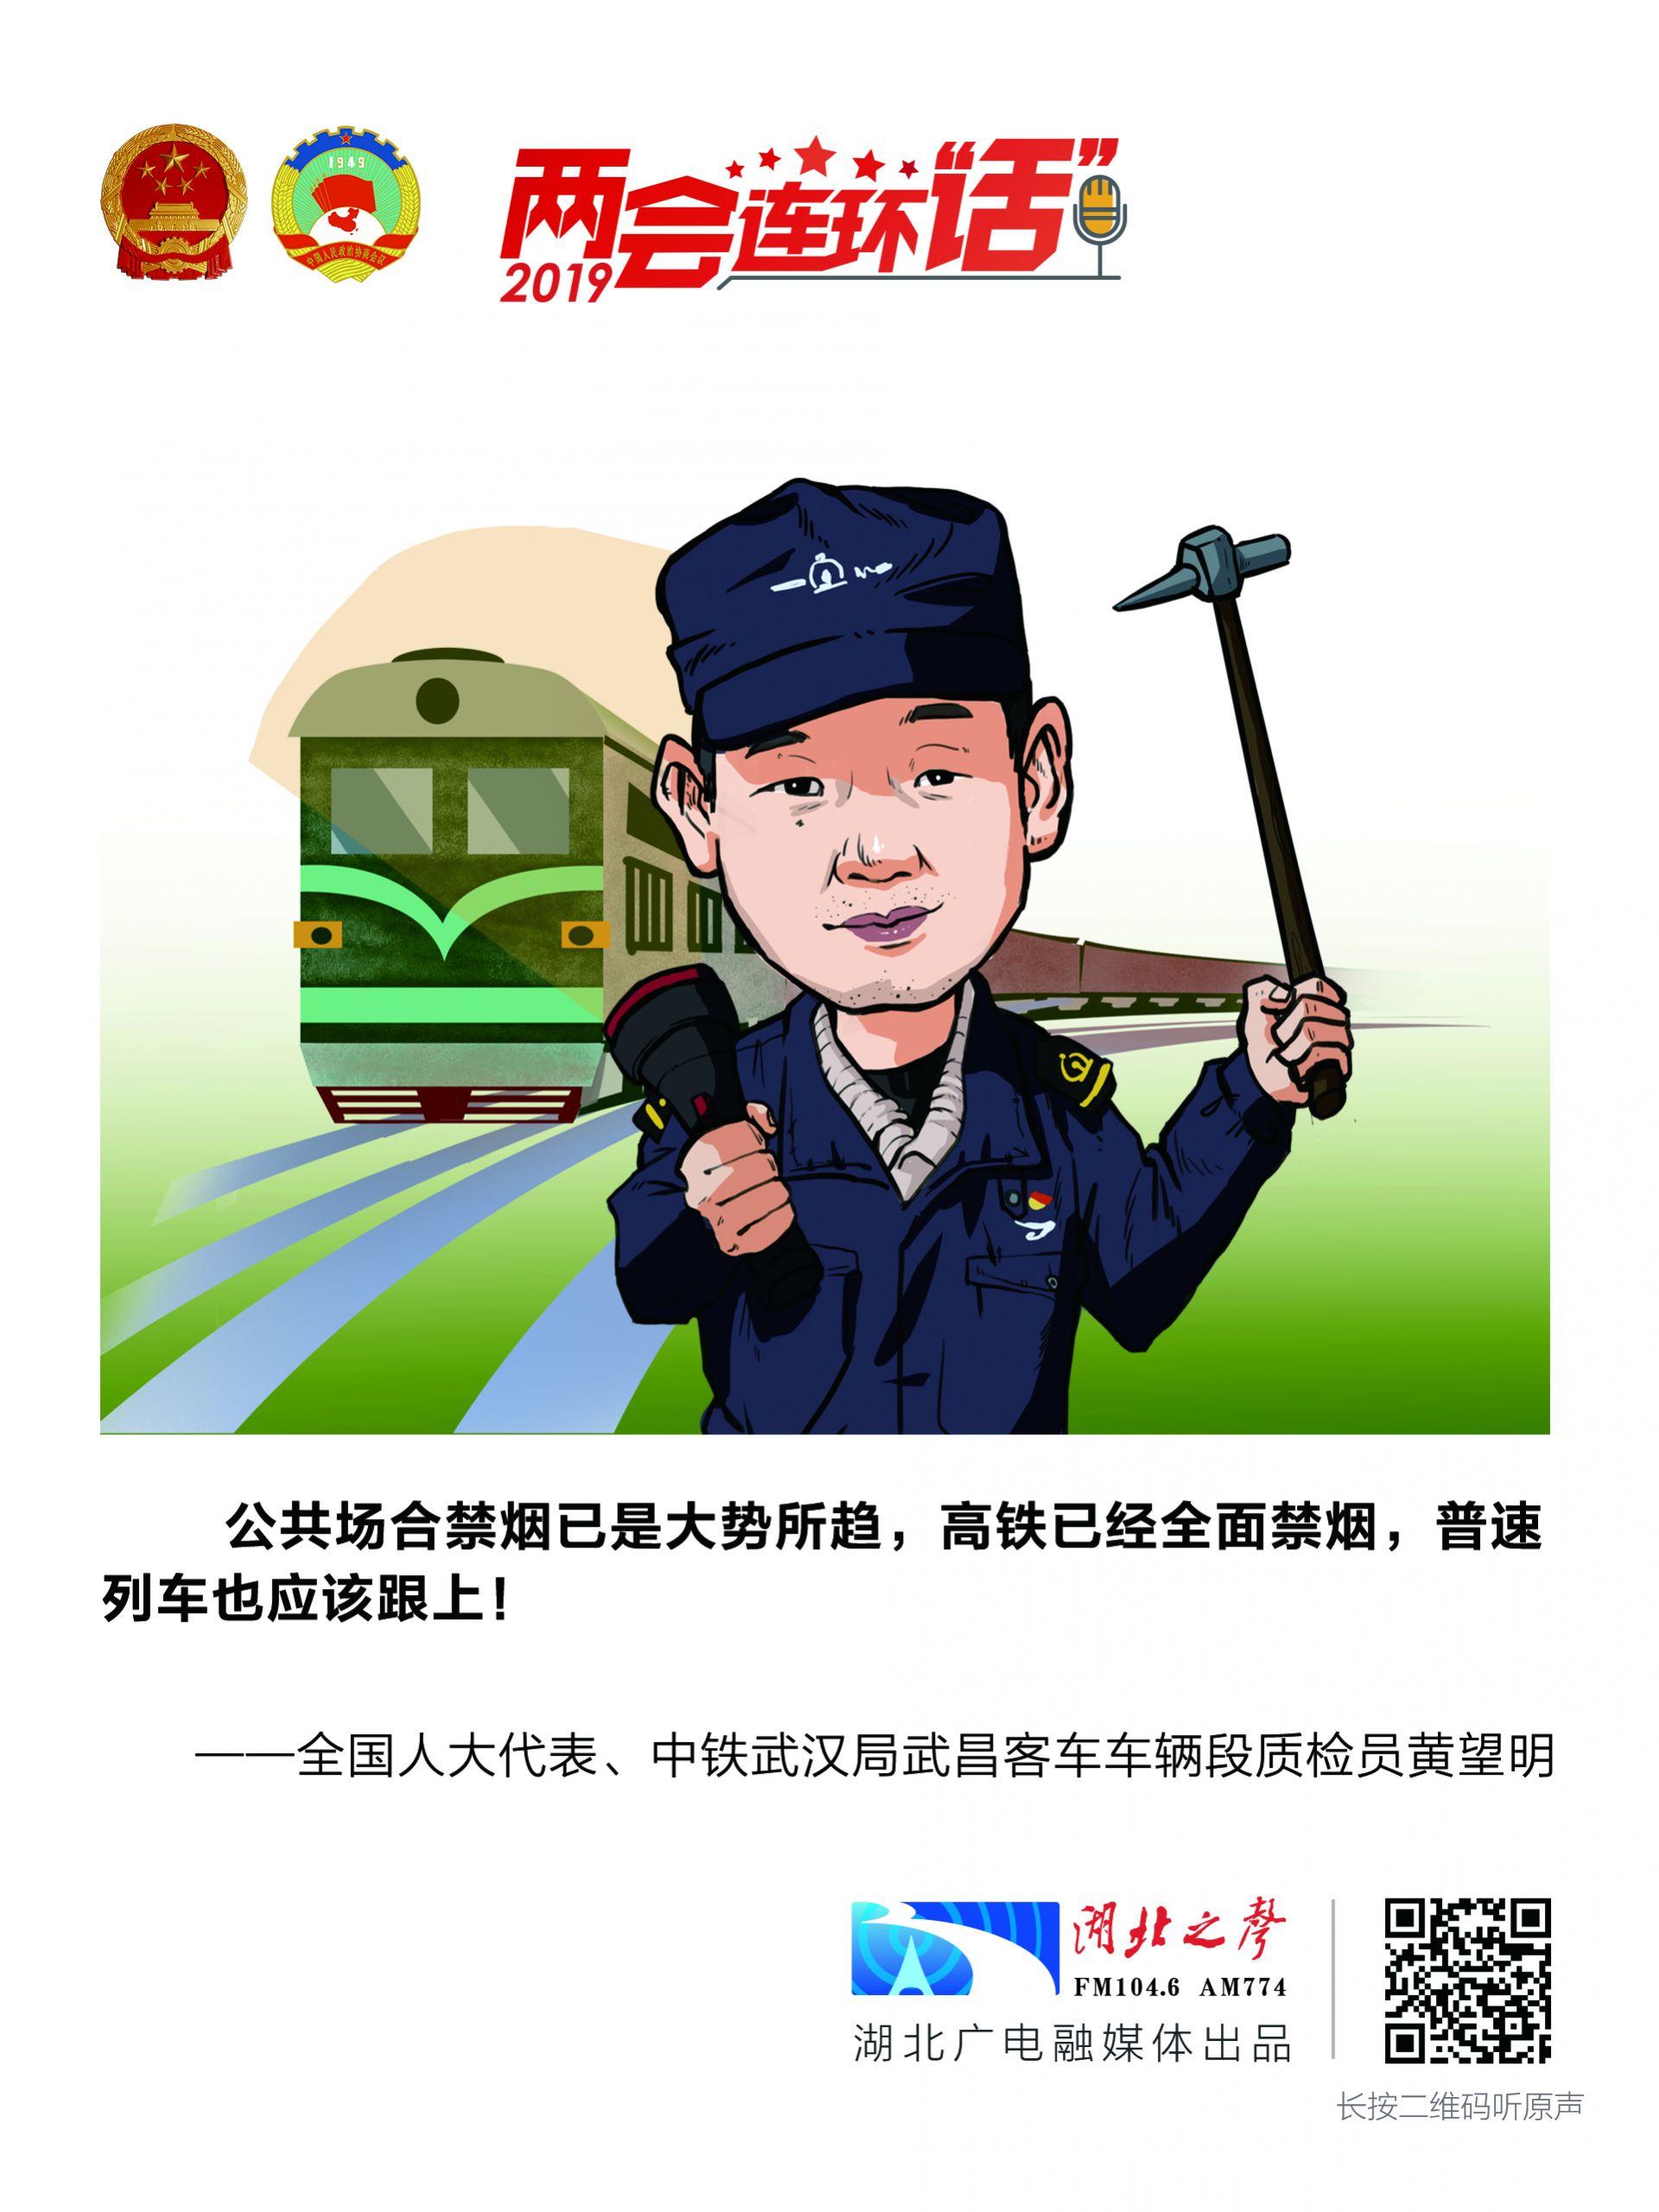 全国人大代表黄望明:建议在普速客车上也实行全面禁烟